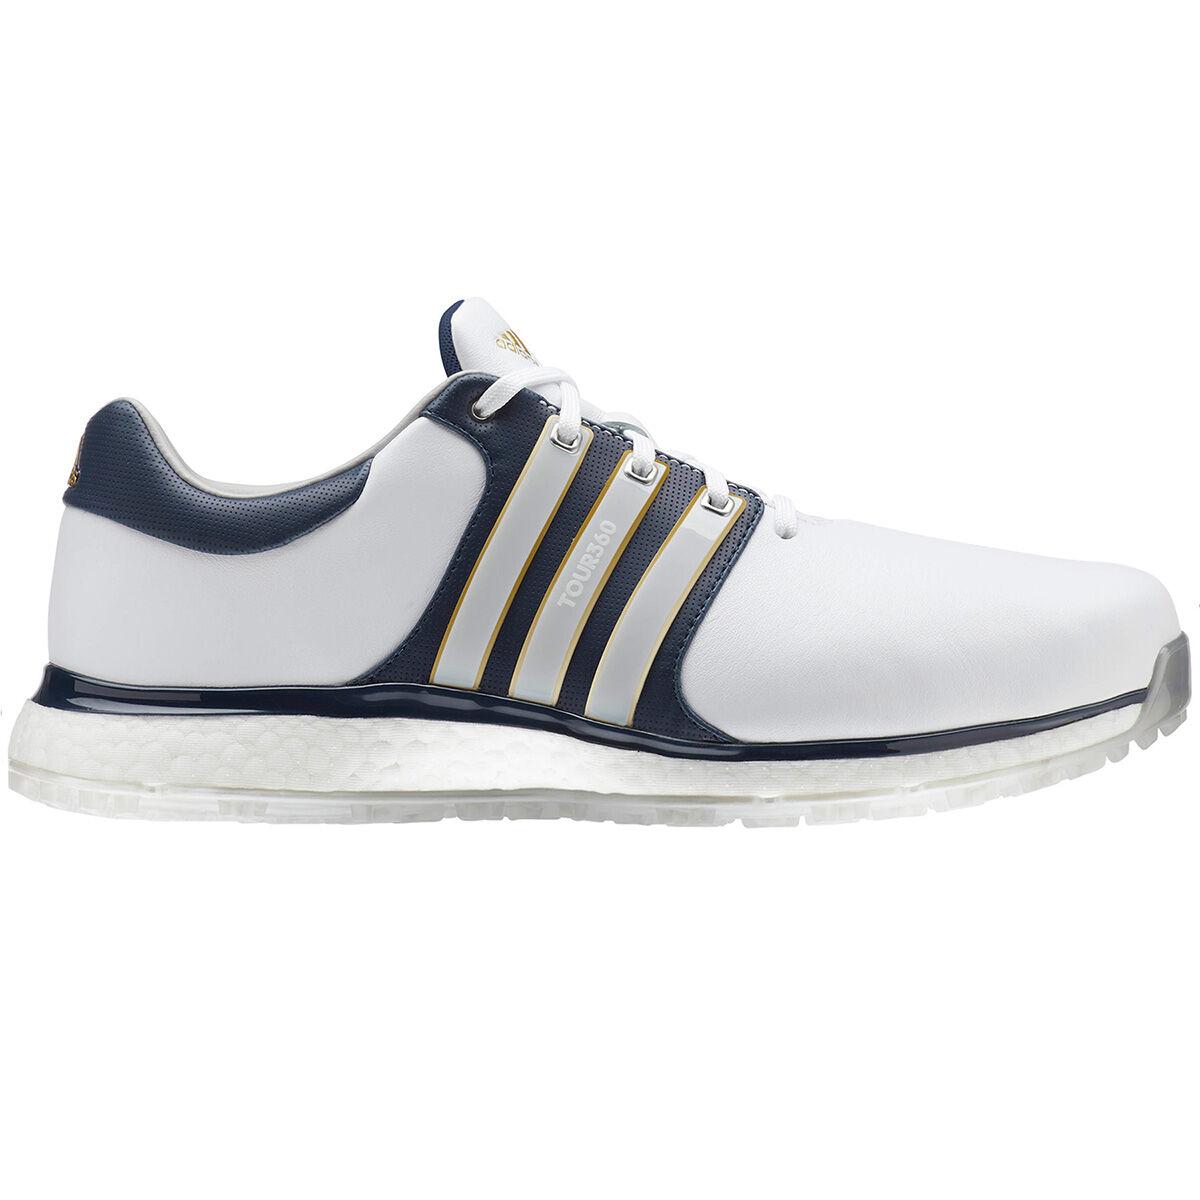 tacchetti scarpe da golf adidas